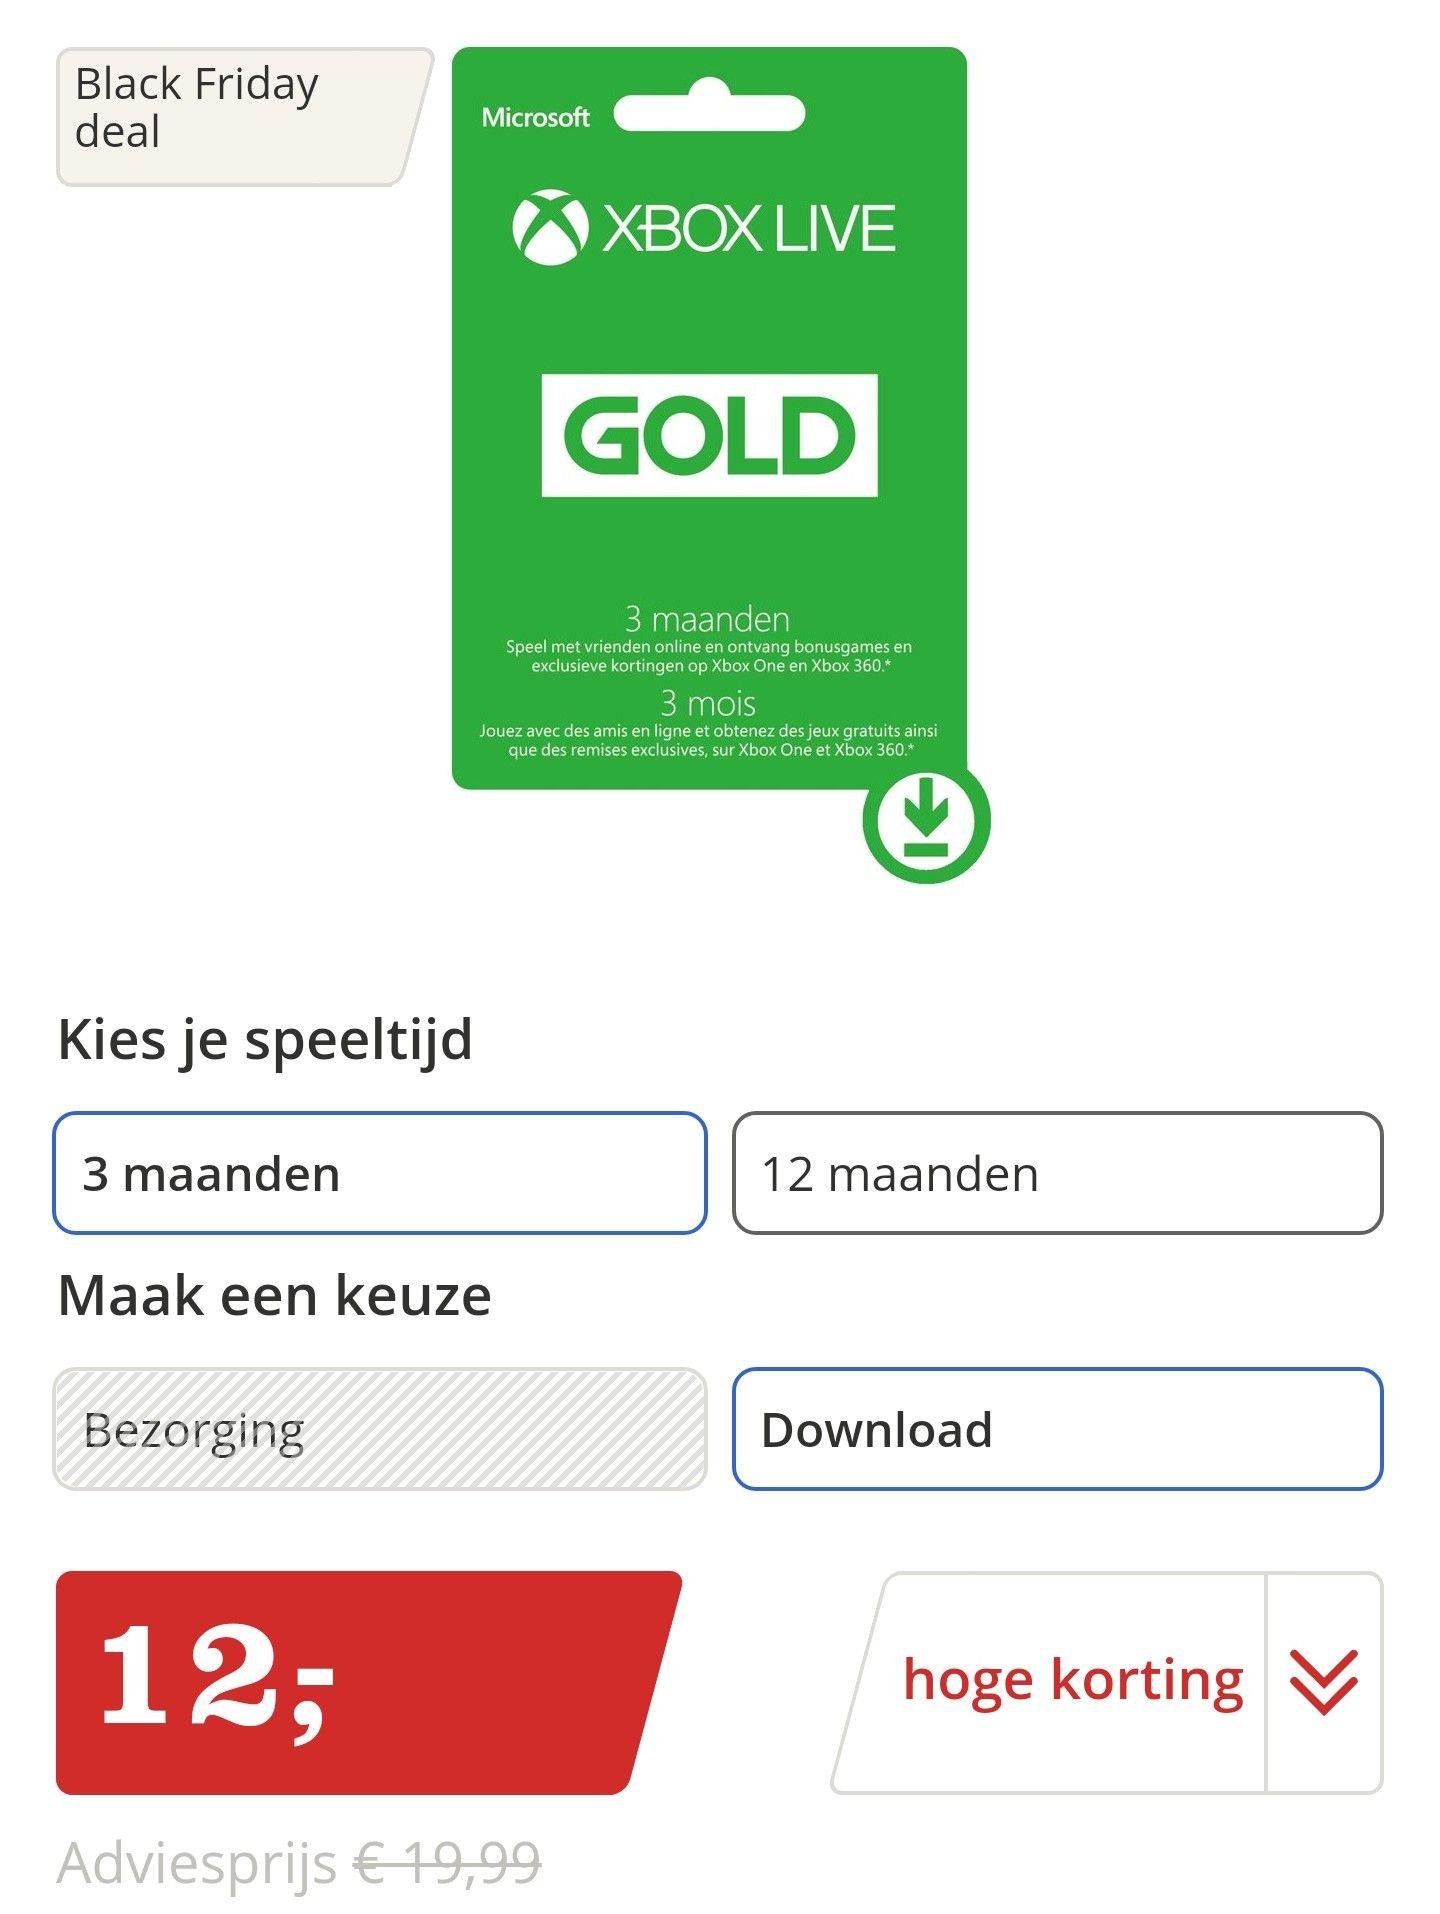 Xbox live gold 3 maanden €12,- @bol.com